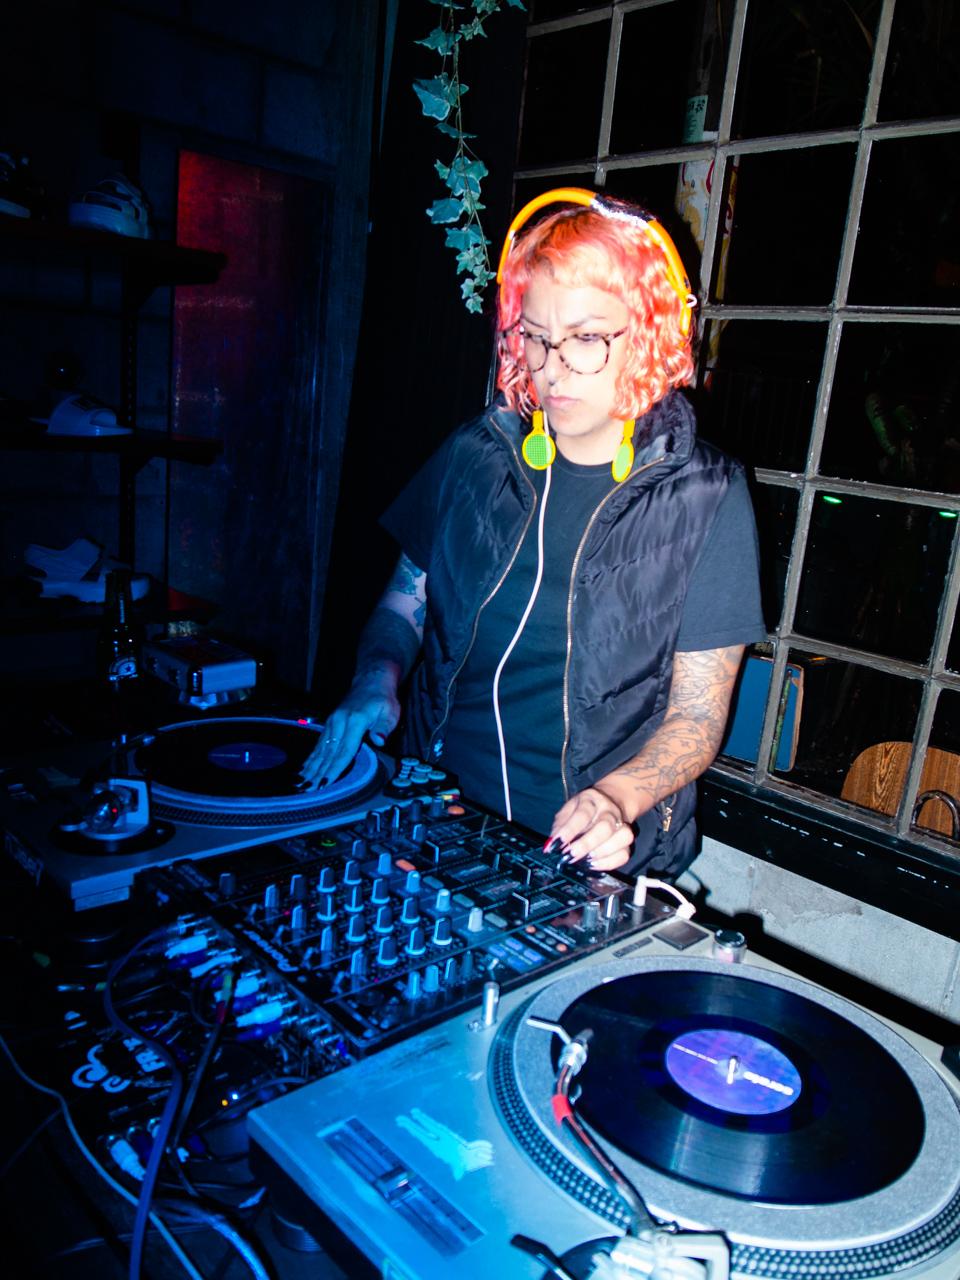 Backyard Sound System - 20 anos Dj Mauro Farina Free Beats Radio Veneno